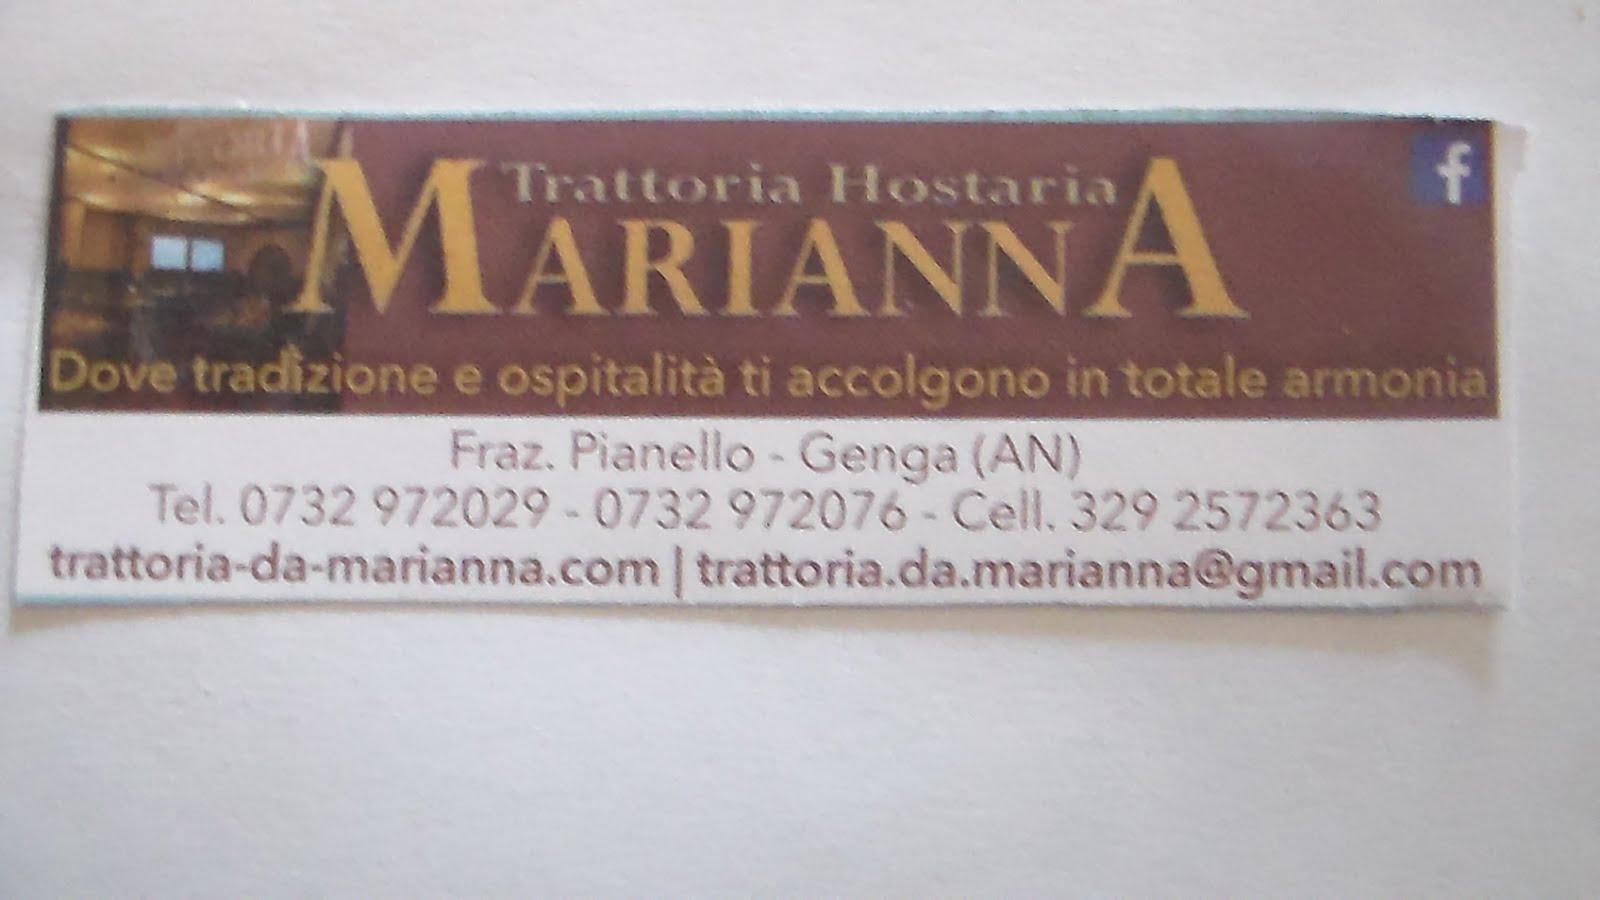 Trattoria Osteria da Marianna